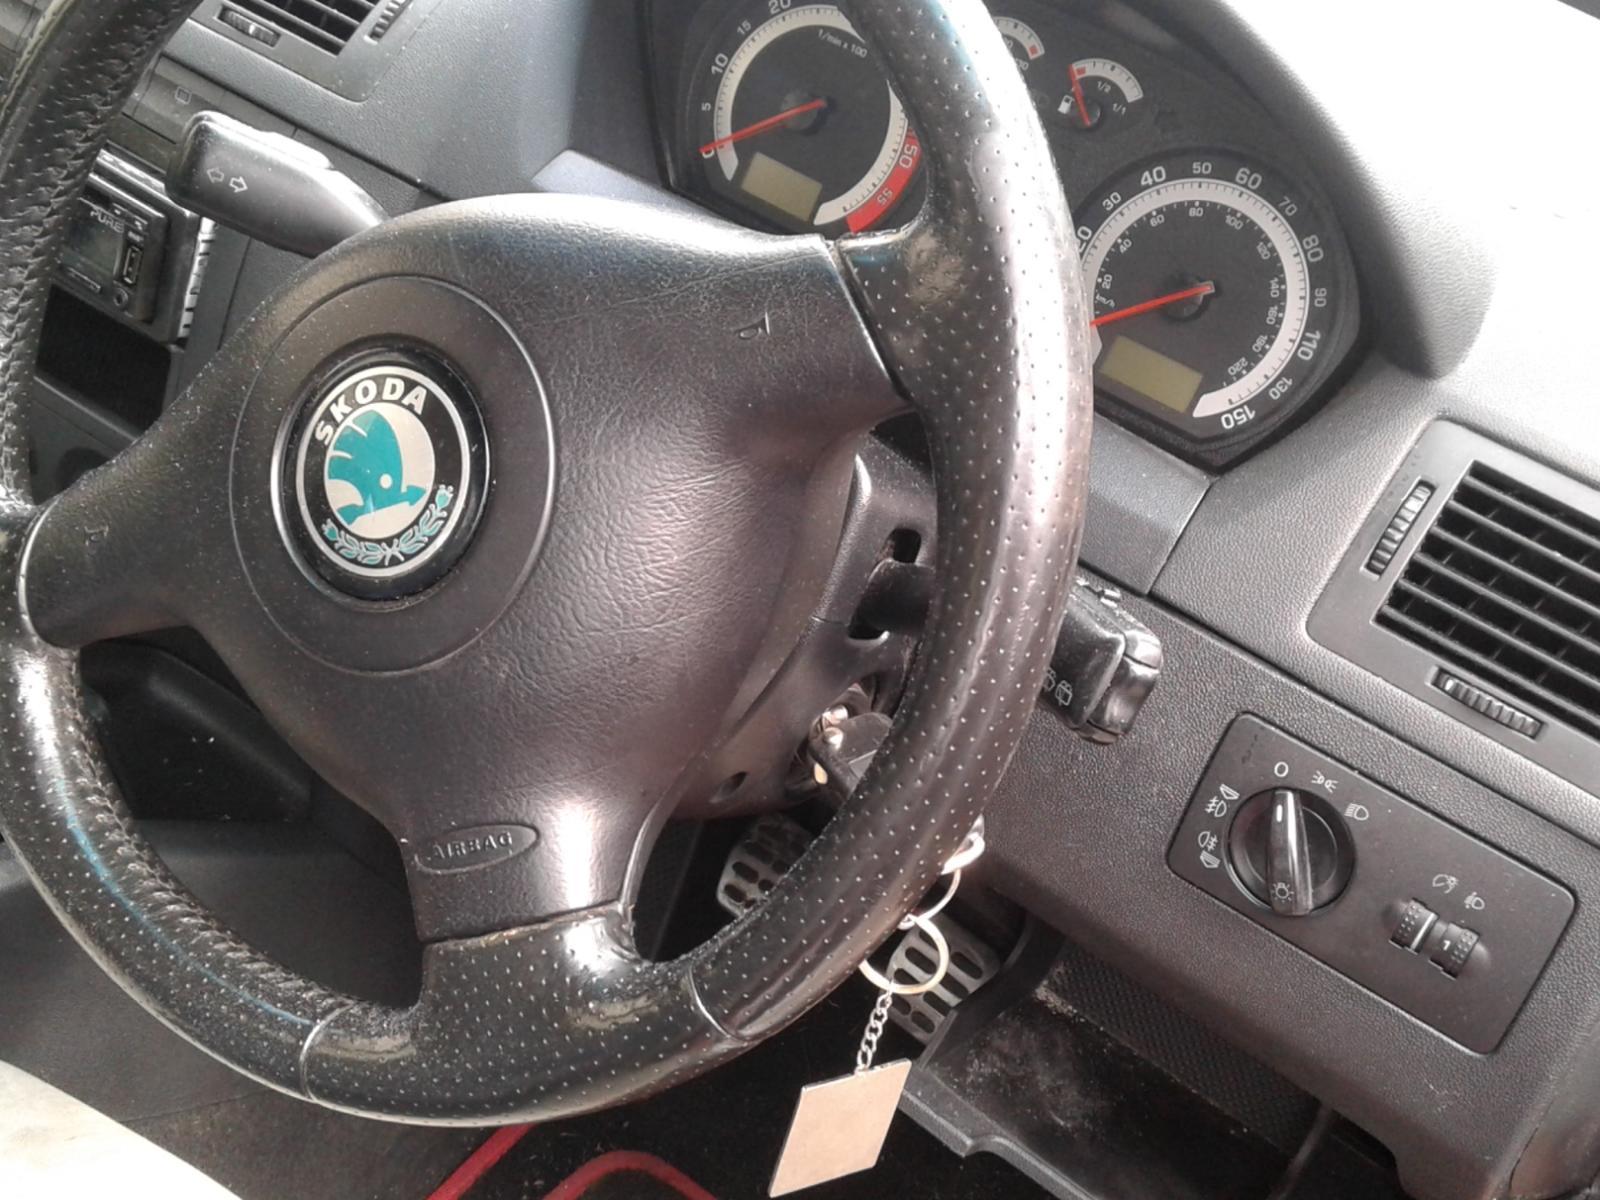 View Auto part SKODA FABIA 2006 5 Door Hatchback